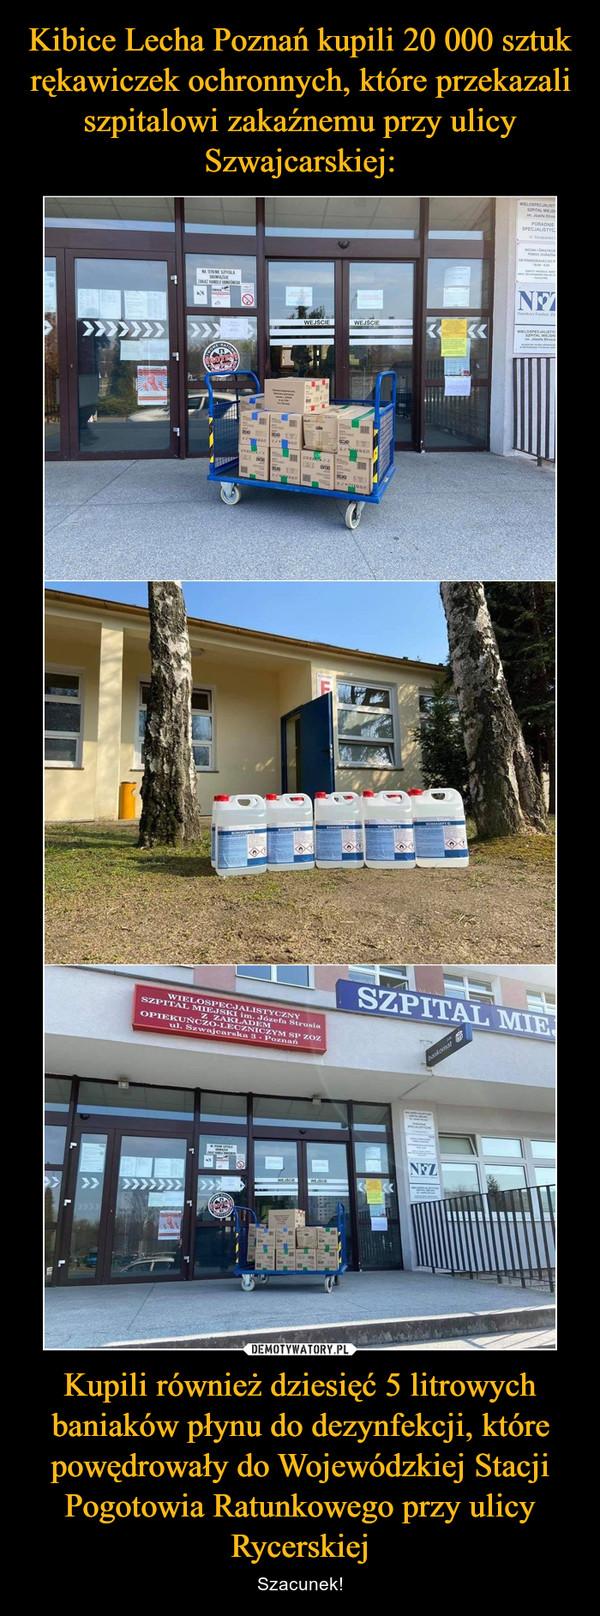 Kupili również dziesięć 5 litrowych baniaków płynu do dezynfekcji, które powędrowały do Wojewódzkiej Stacji Pogotowia Ratunkowego przy ulicy Rycerskiej – Szacunek!